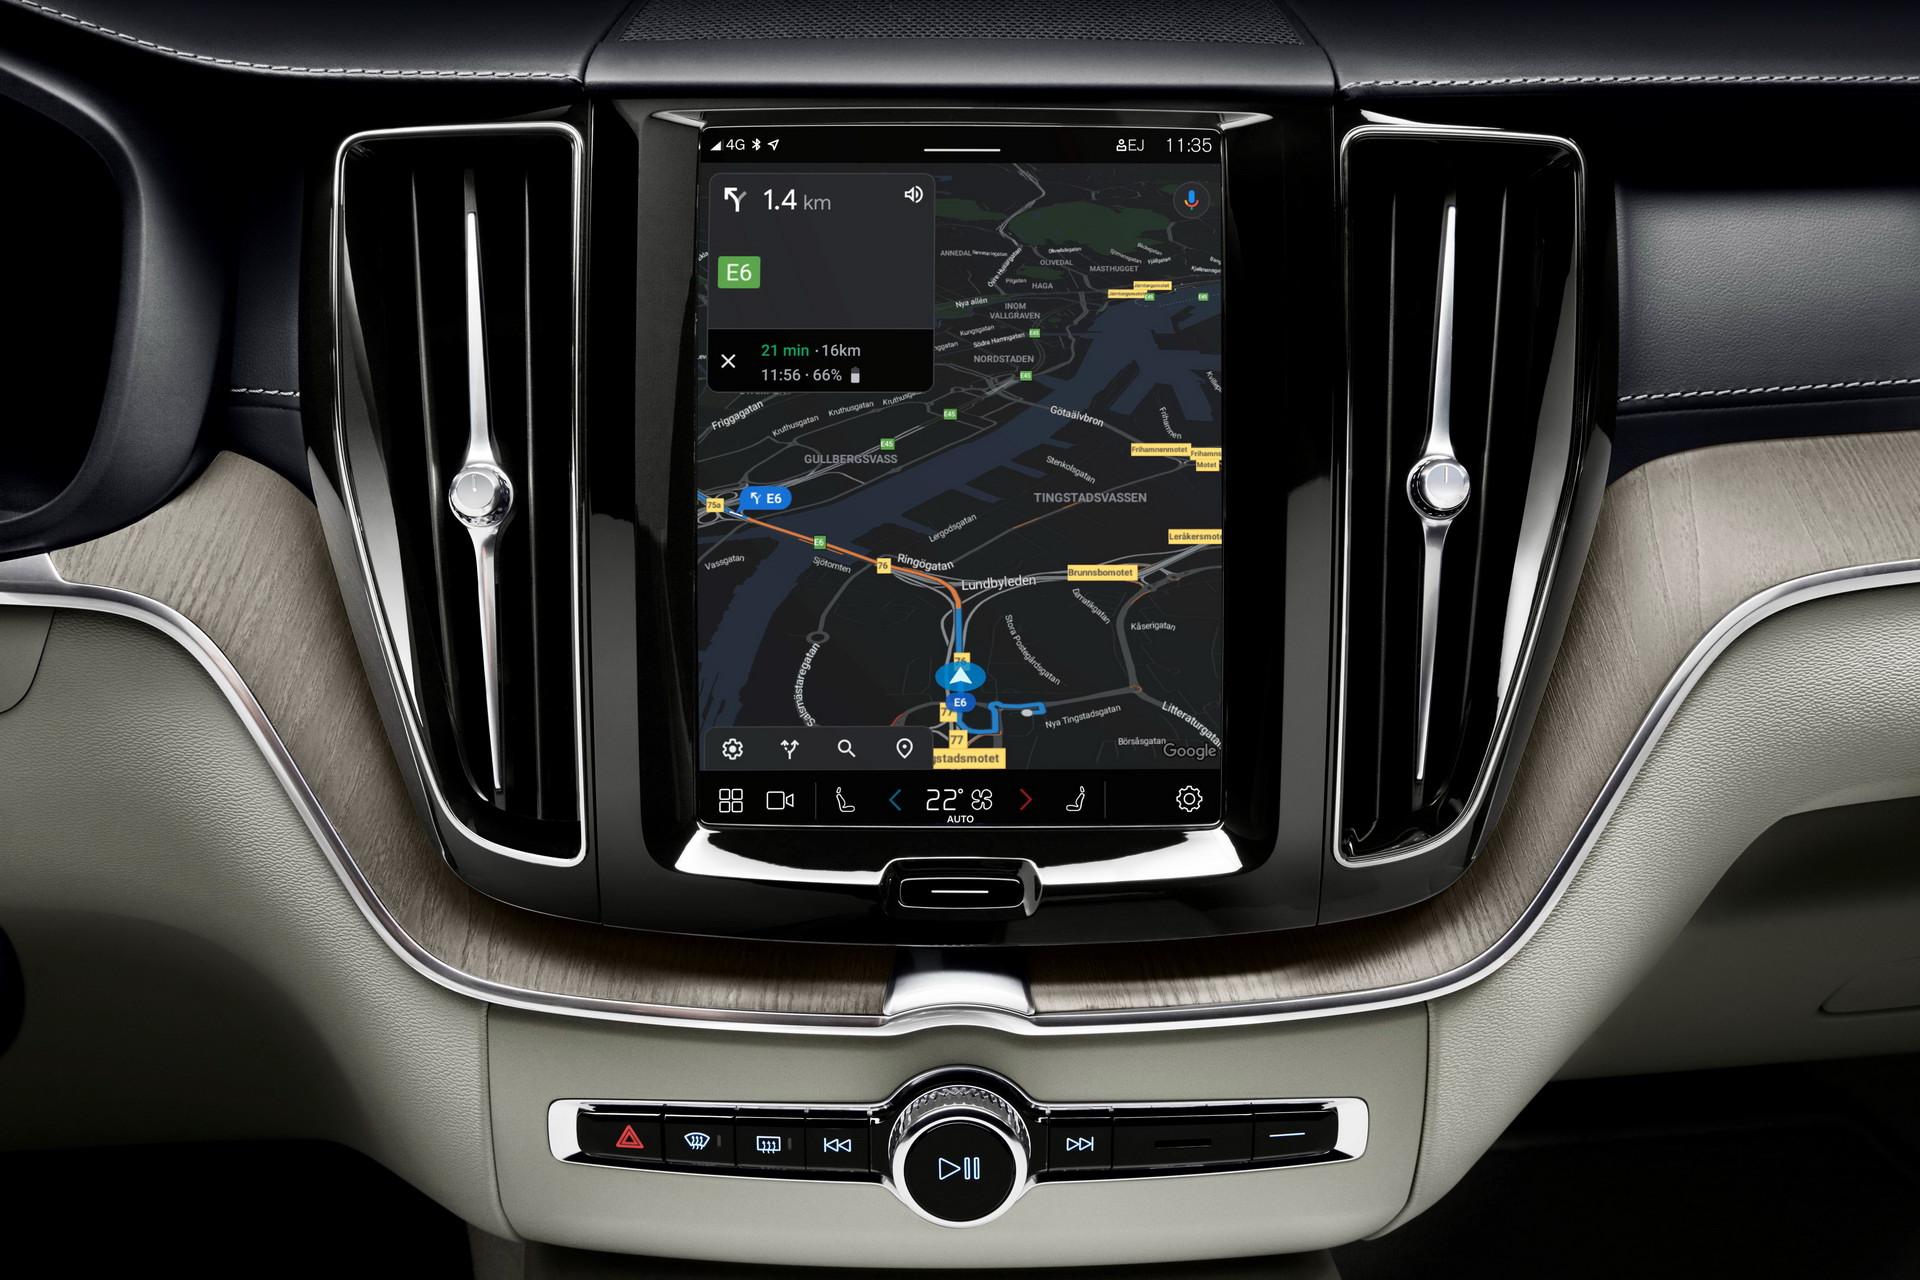 2021年沃尔沃XC60在英国推出新的基于Android的信息娱乐系统